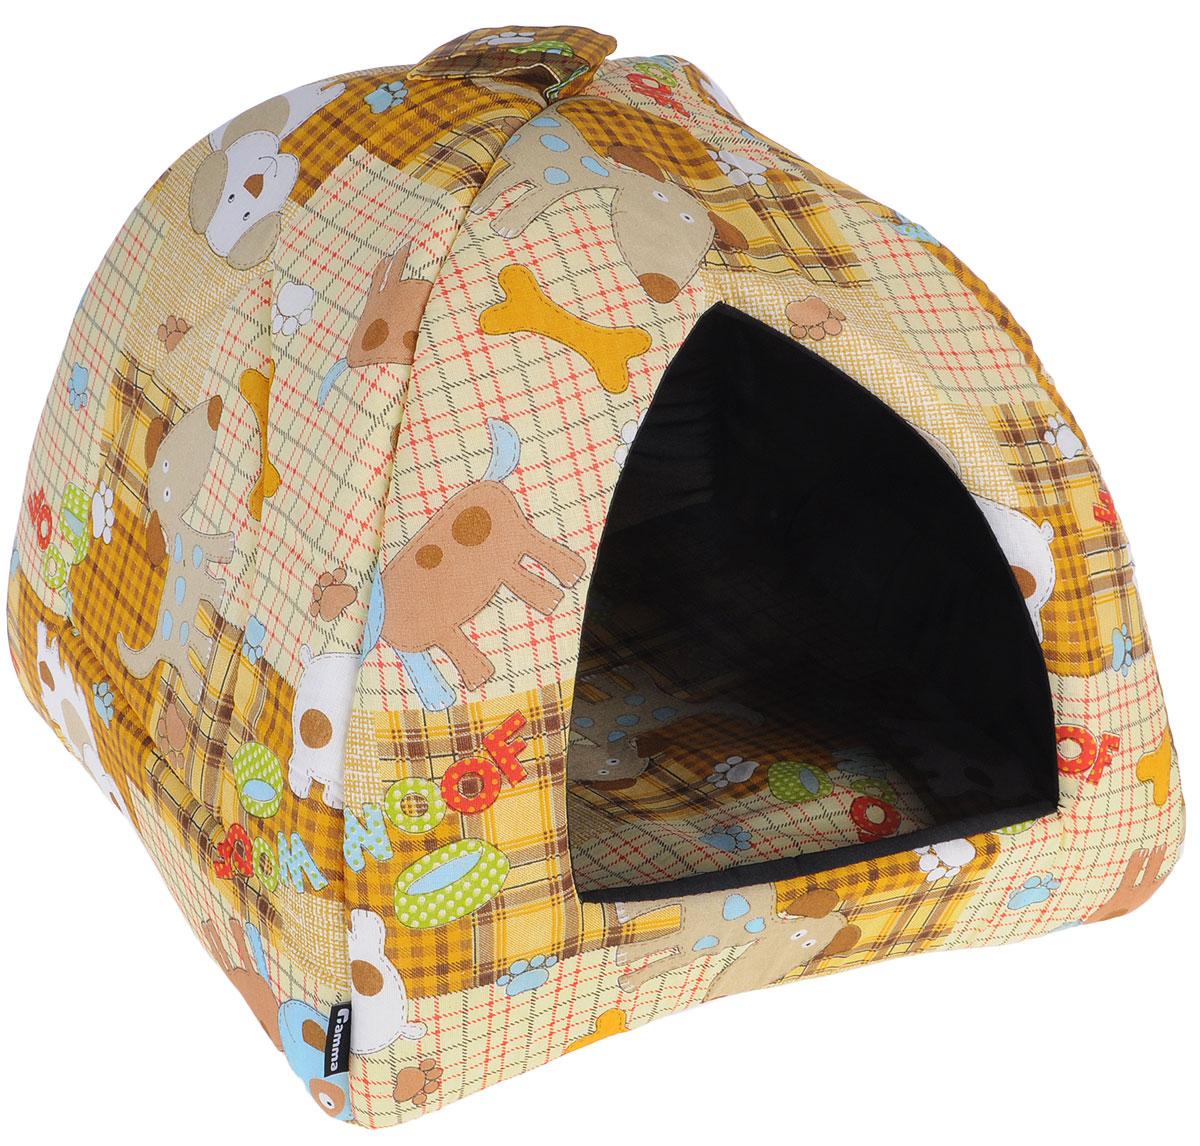 Домик для кошек и собак Гамма, цвет: бежевый, коричневый, 40 см х 40 см х 43 см гамма миска для кошек и собак n2